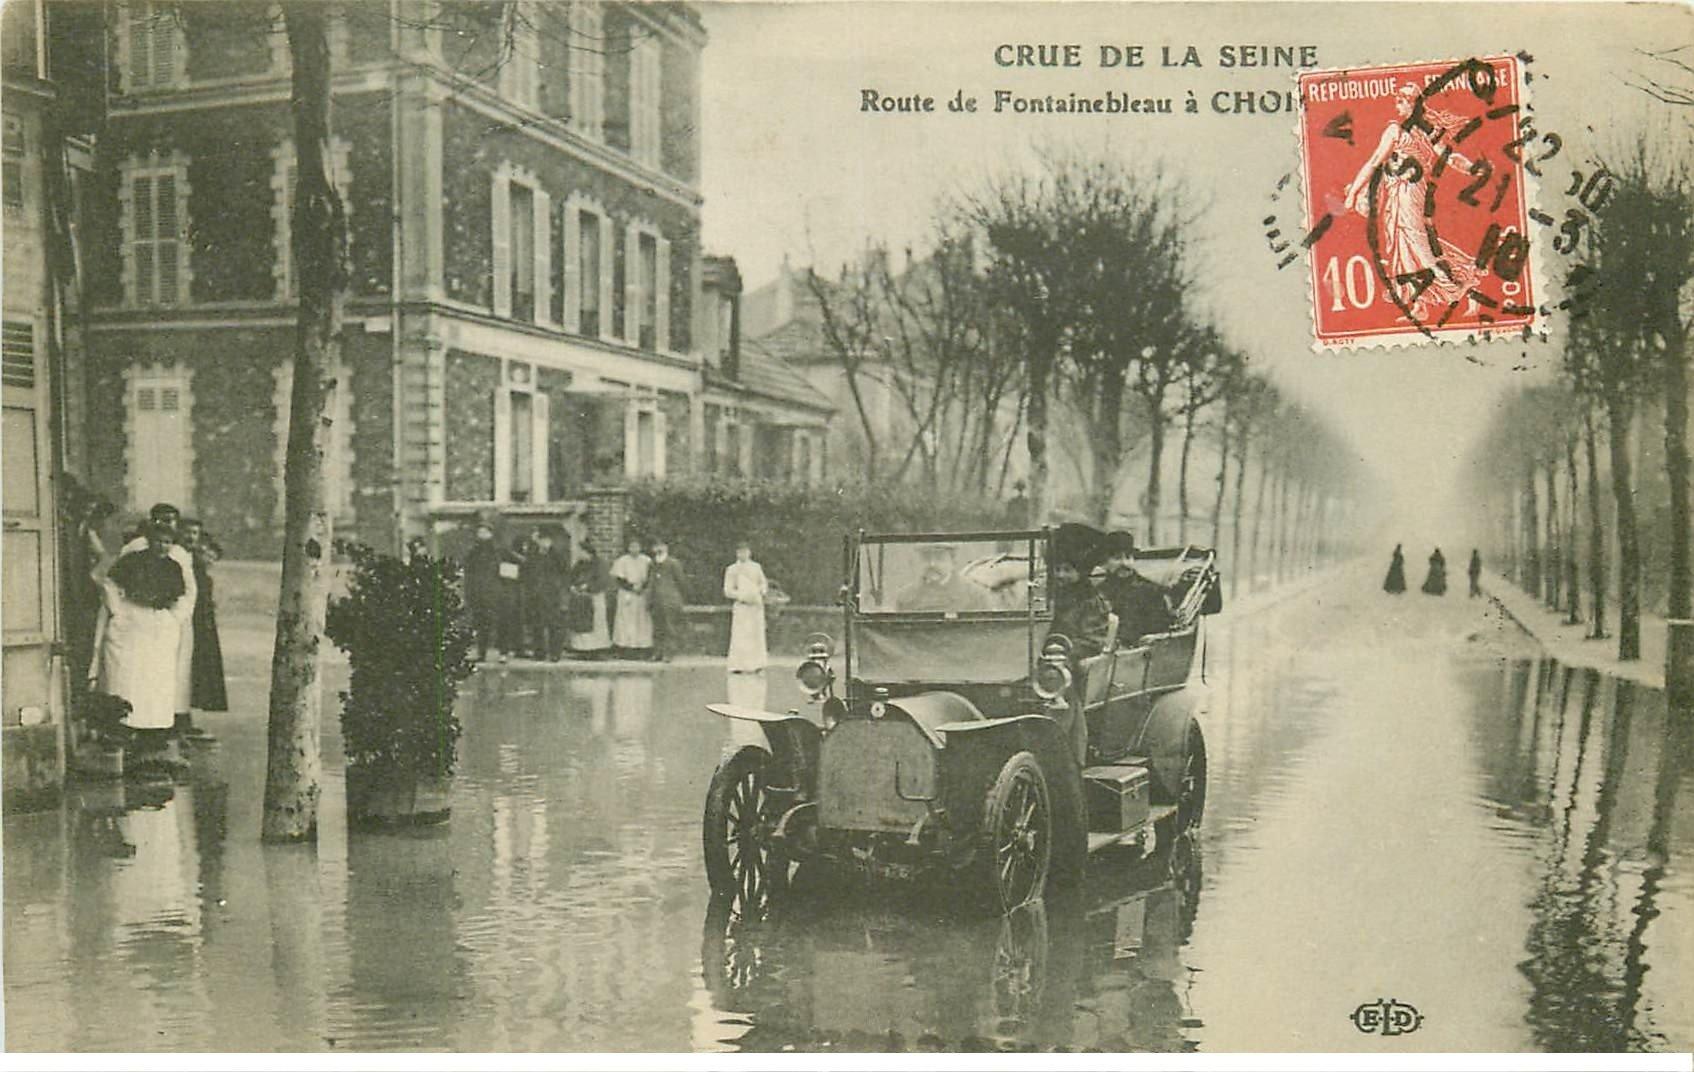 carte postale ancienne Inondation et Crue de 1910. CHOISY-LE-ROI 94. Route de Fontainebleu Tacot dans l'eau